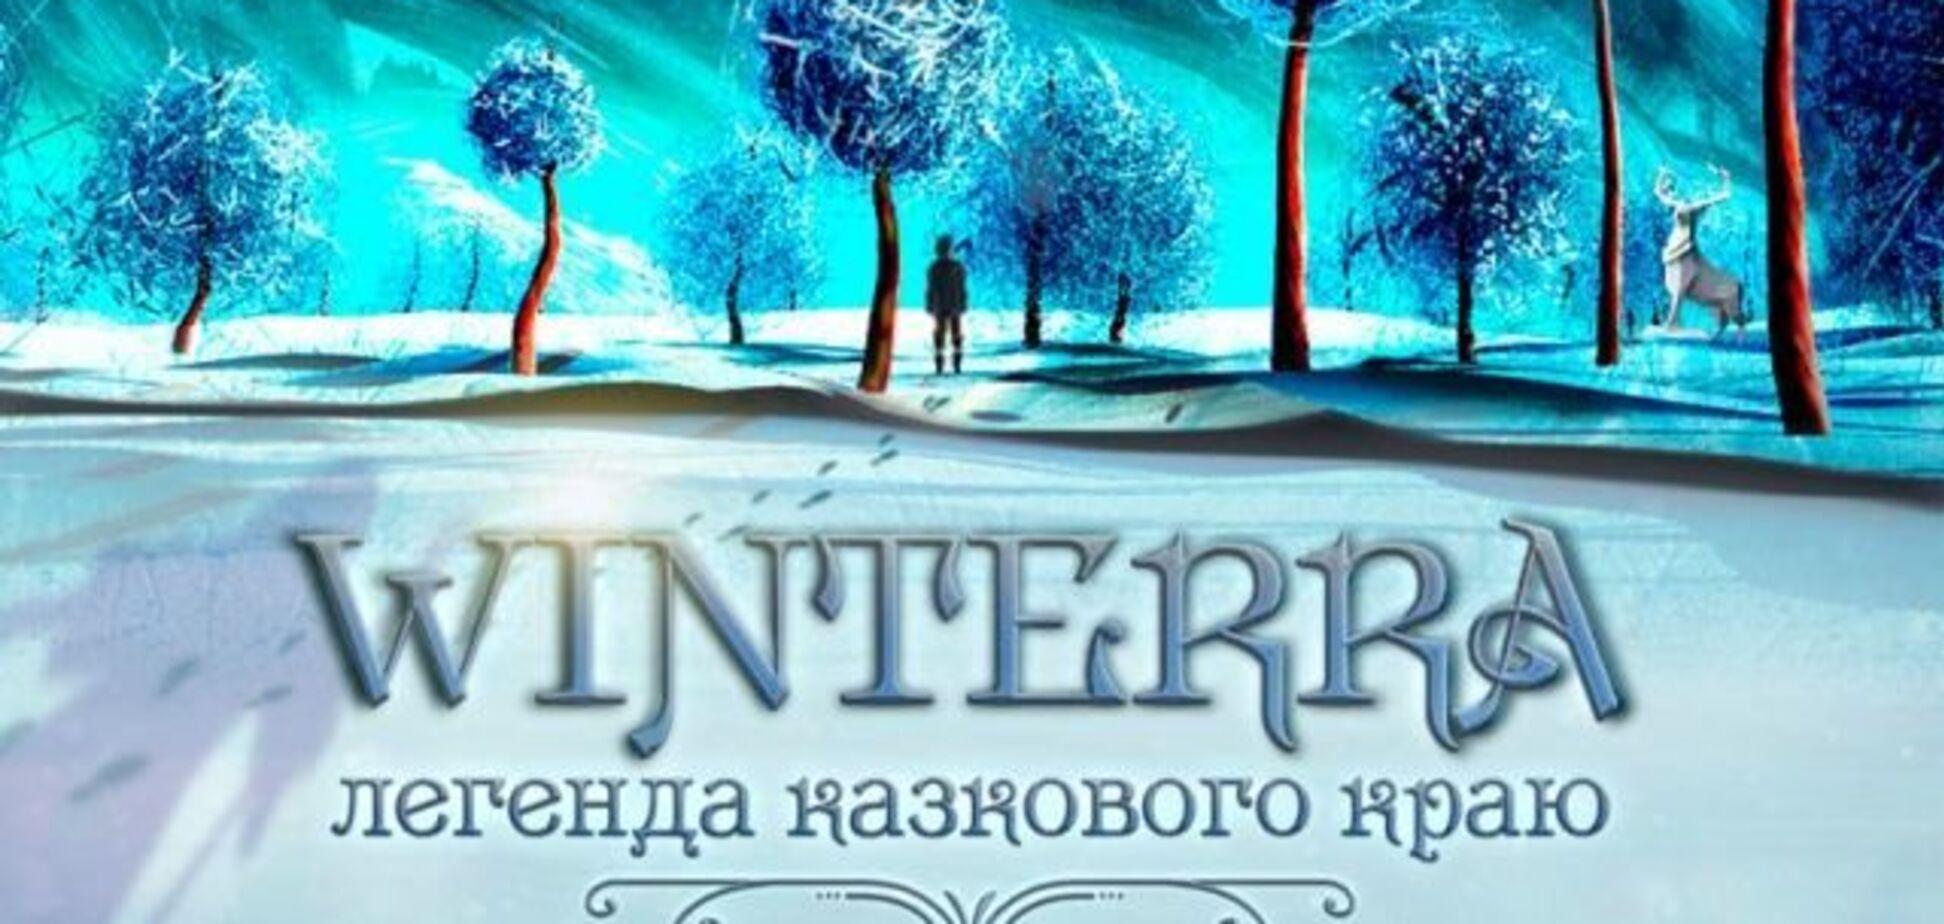 'Королівство Winterra': на ВДНГ відбулася грандіозна прем'єра 3D-шоу. Фото